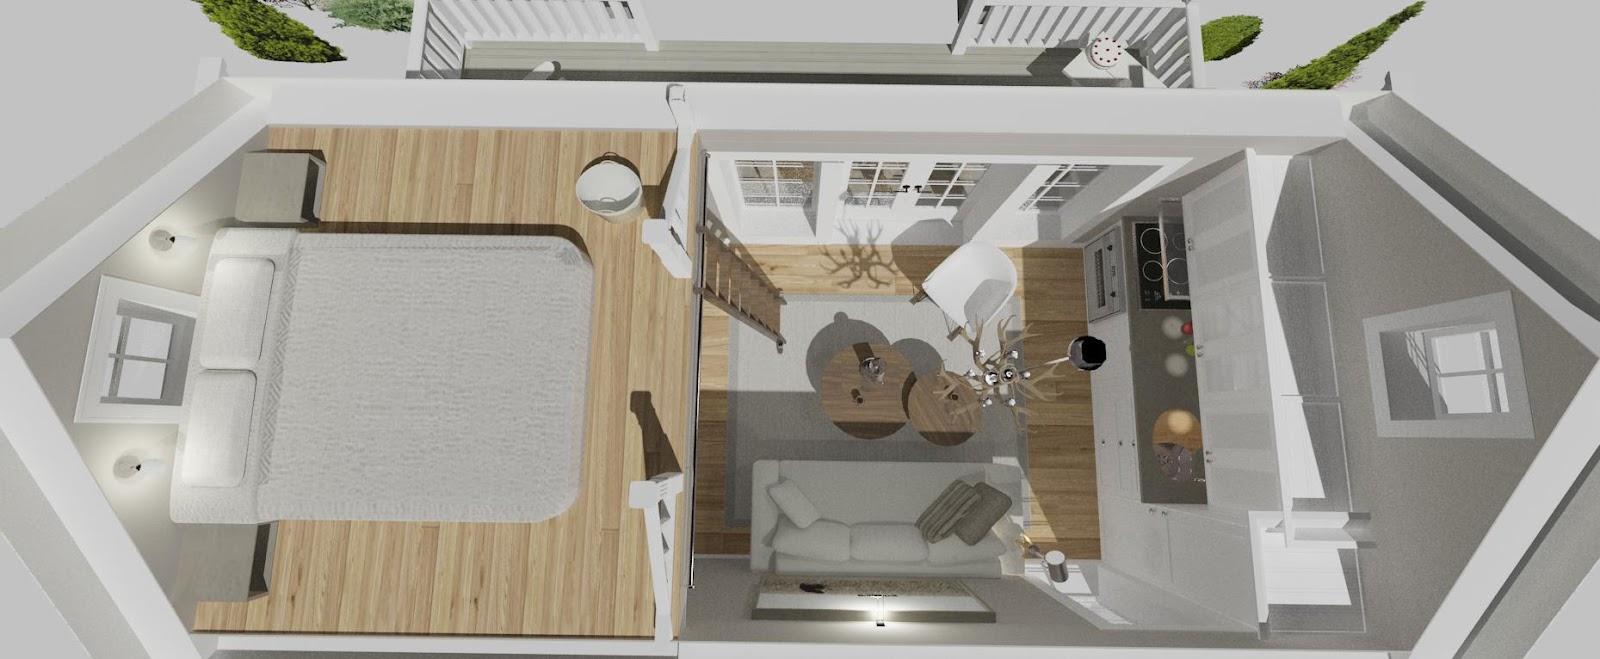 Den Vita Drömgården: EWA - ett nytt Attefallshus i Attefallhusfamiljen